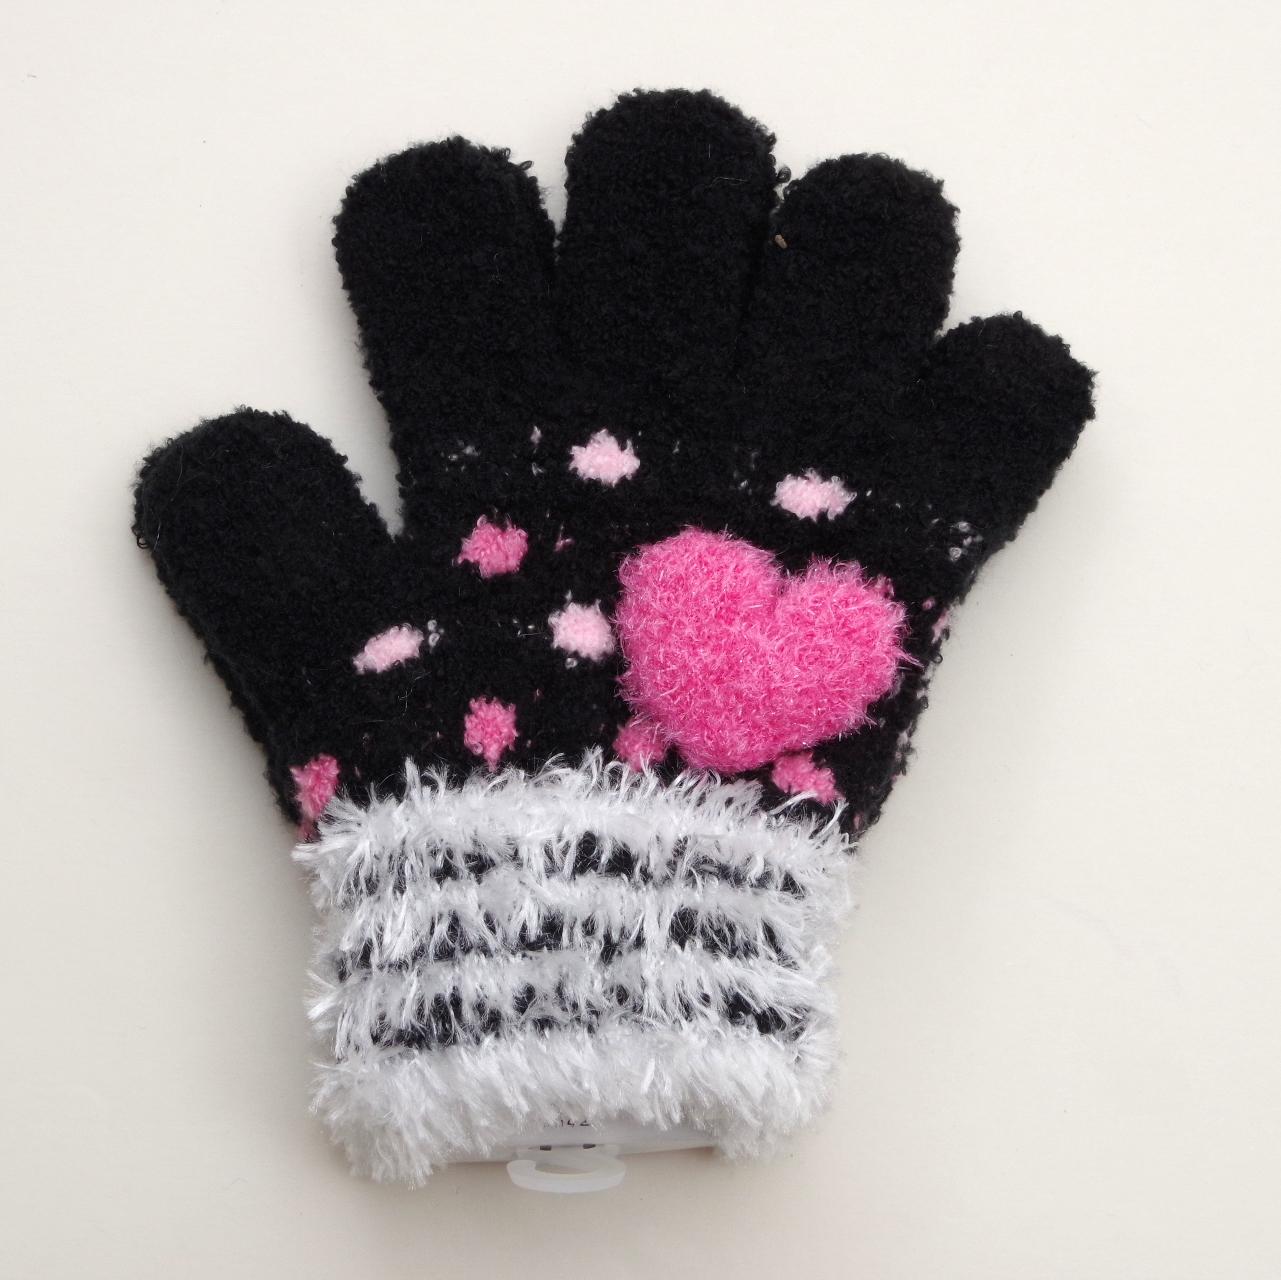 日本製  のびのび五指手袋 キッズ/ジュニア 15cm ピンクハート  (1610-1717)